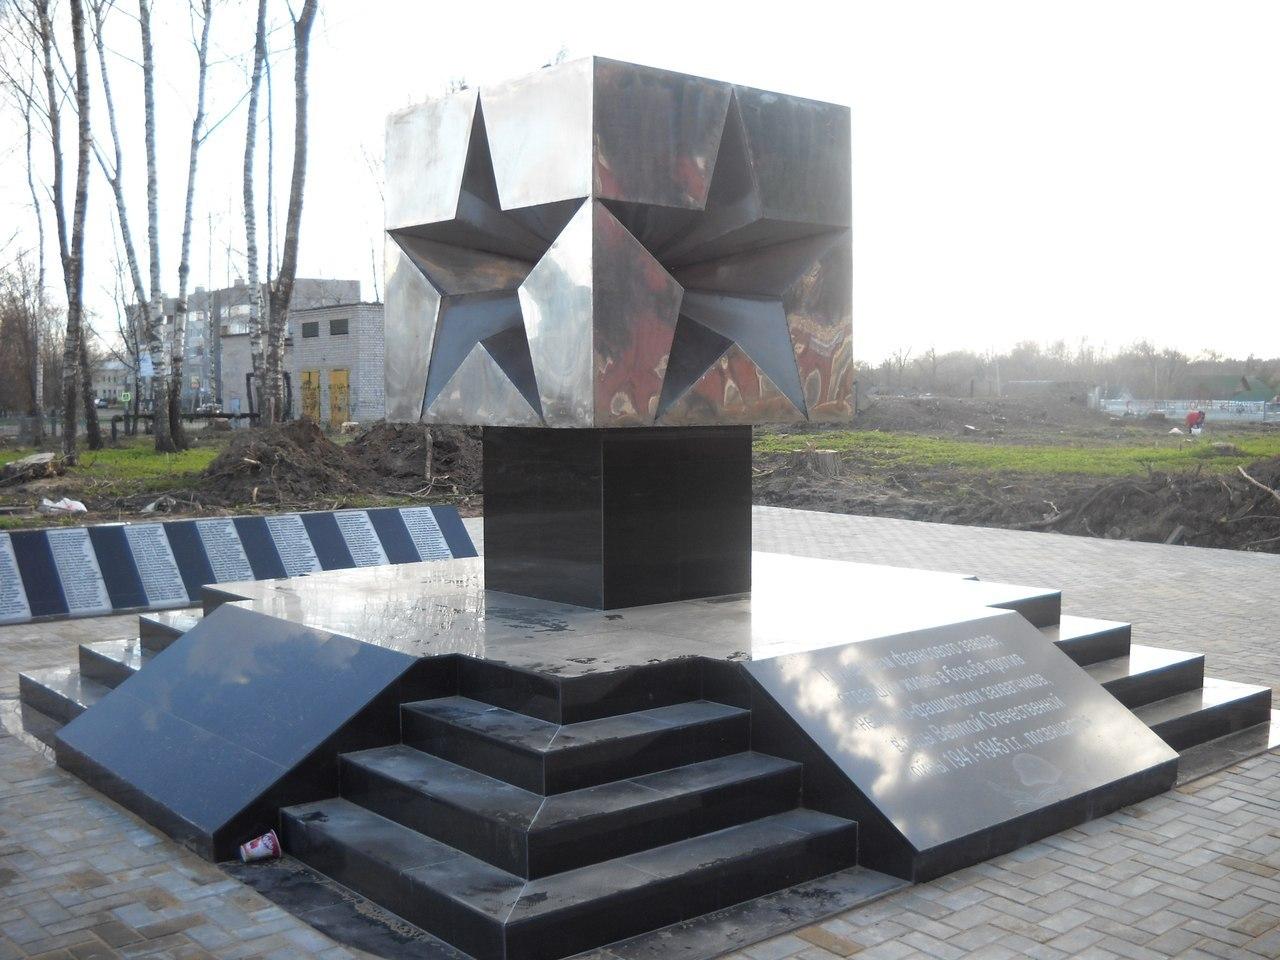 398 памятников героям Великой Отечественной войны оцифруют в Тверской области